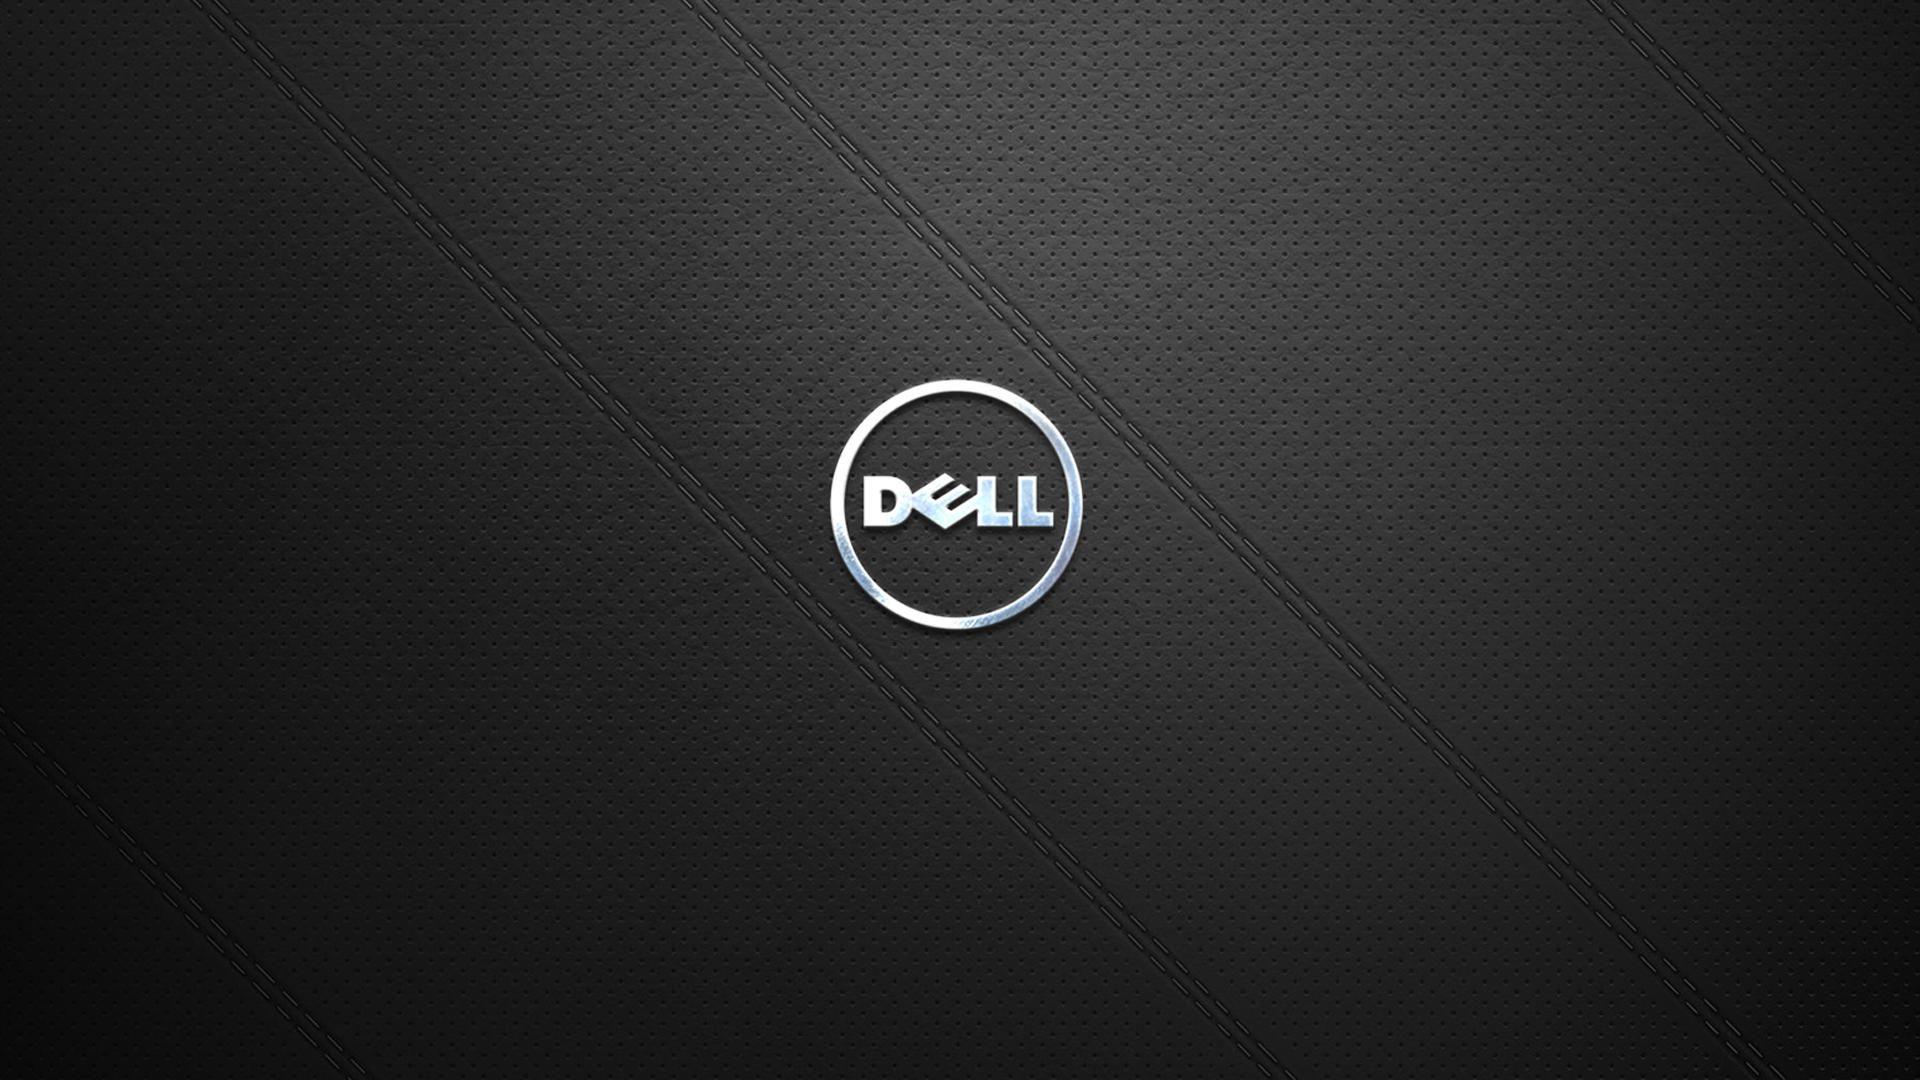 Dell desktop wallpaper